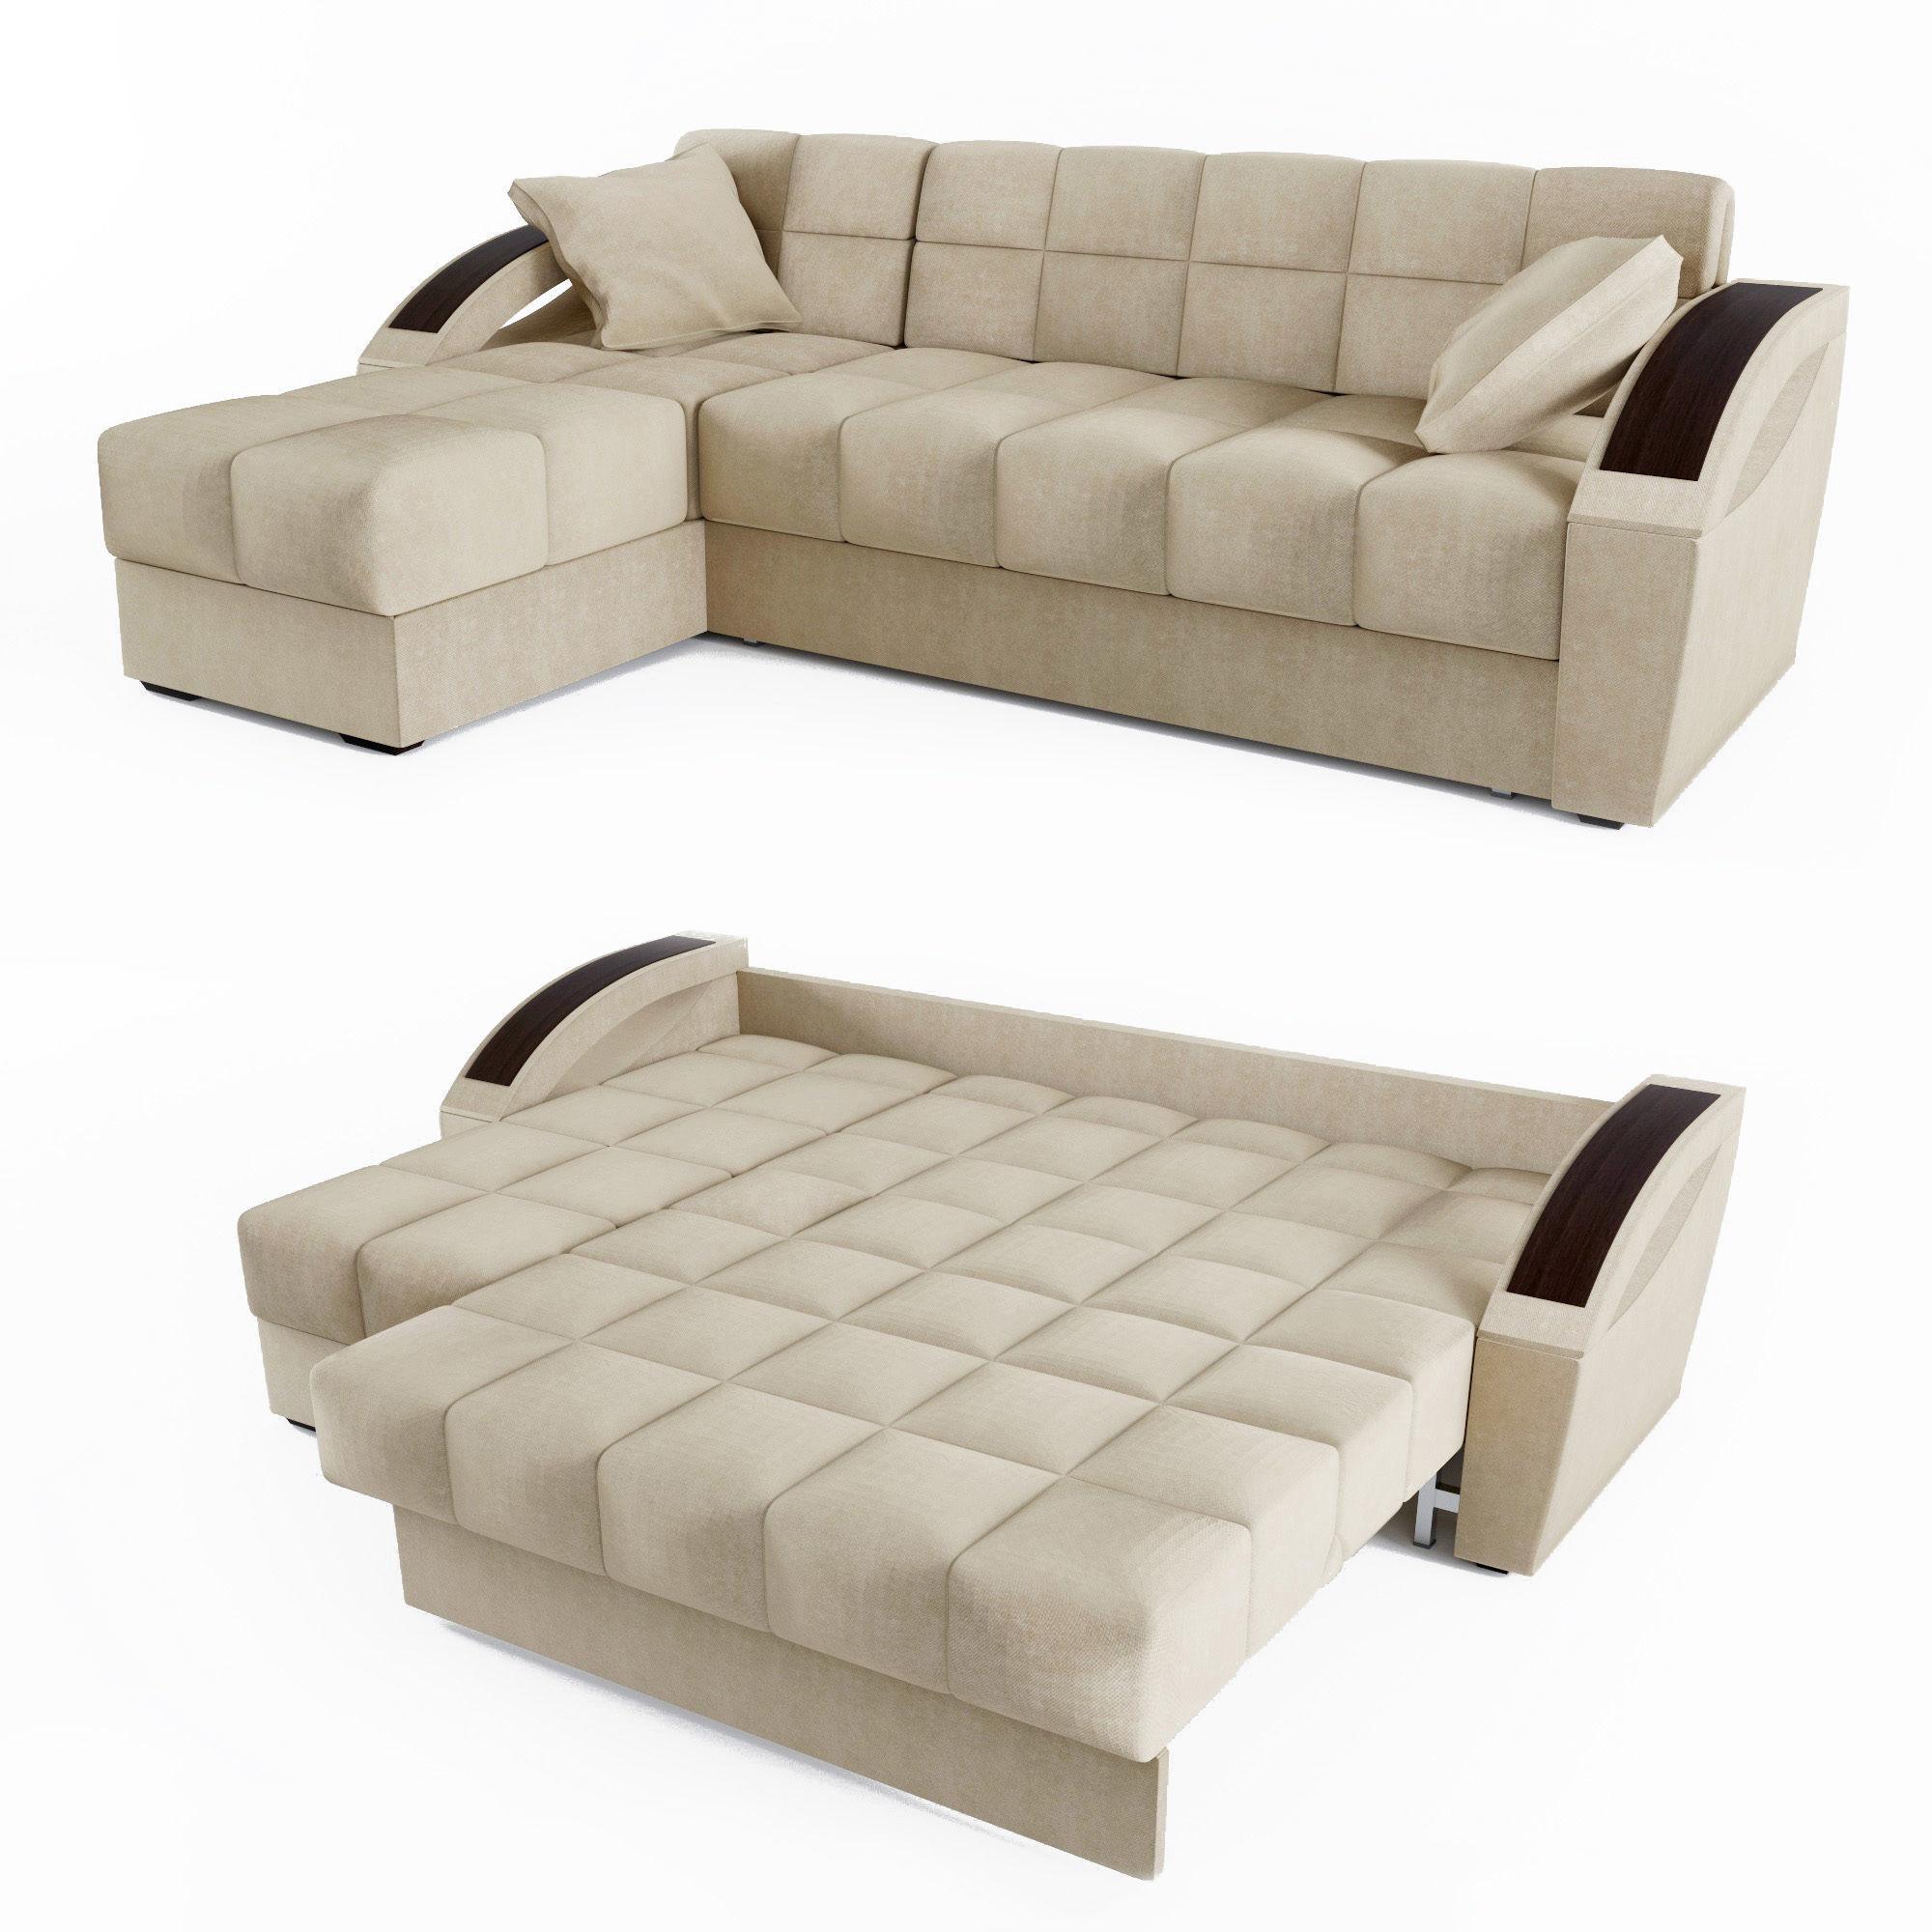 White Leather Sofas Montreal: Sofa Bed Montreal Montreal Black Folding Futon Sofa Bed